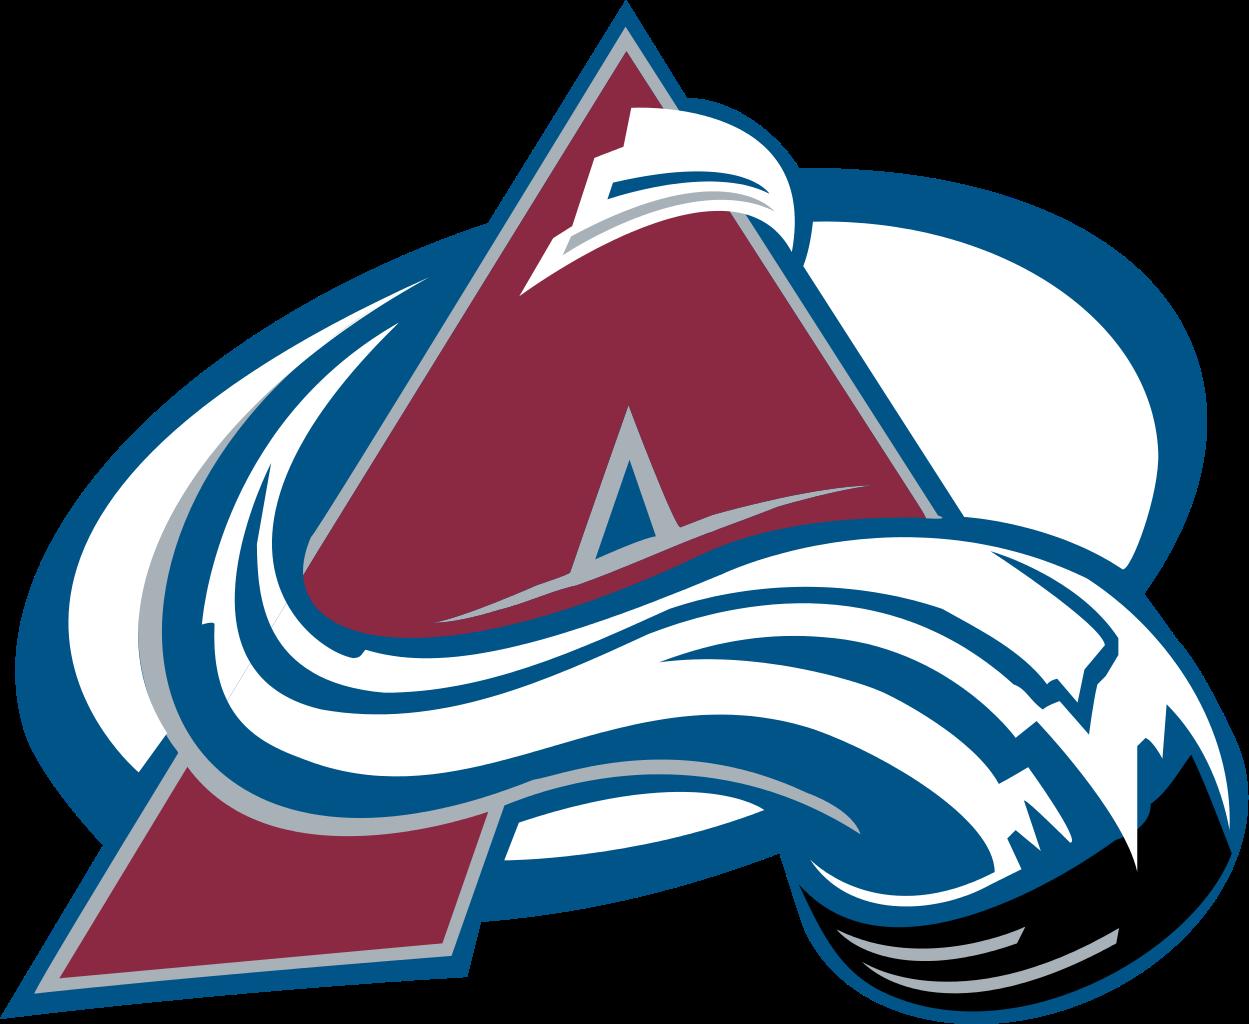 Logo du Avalanche Colorado